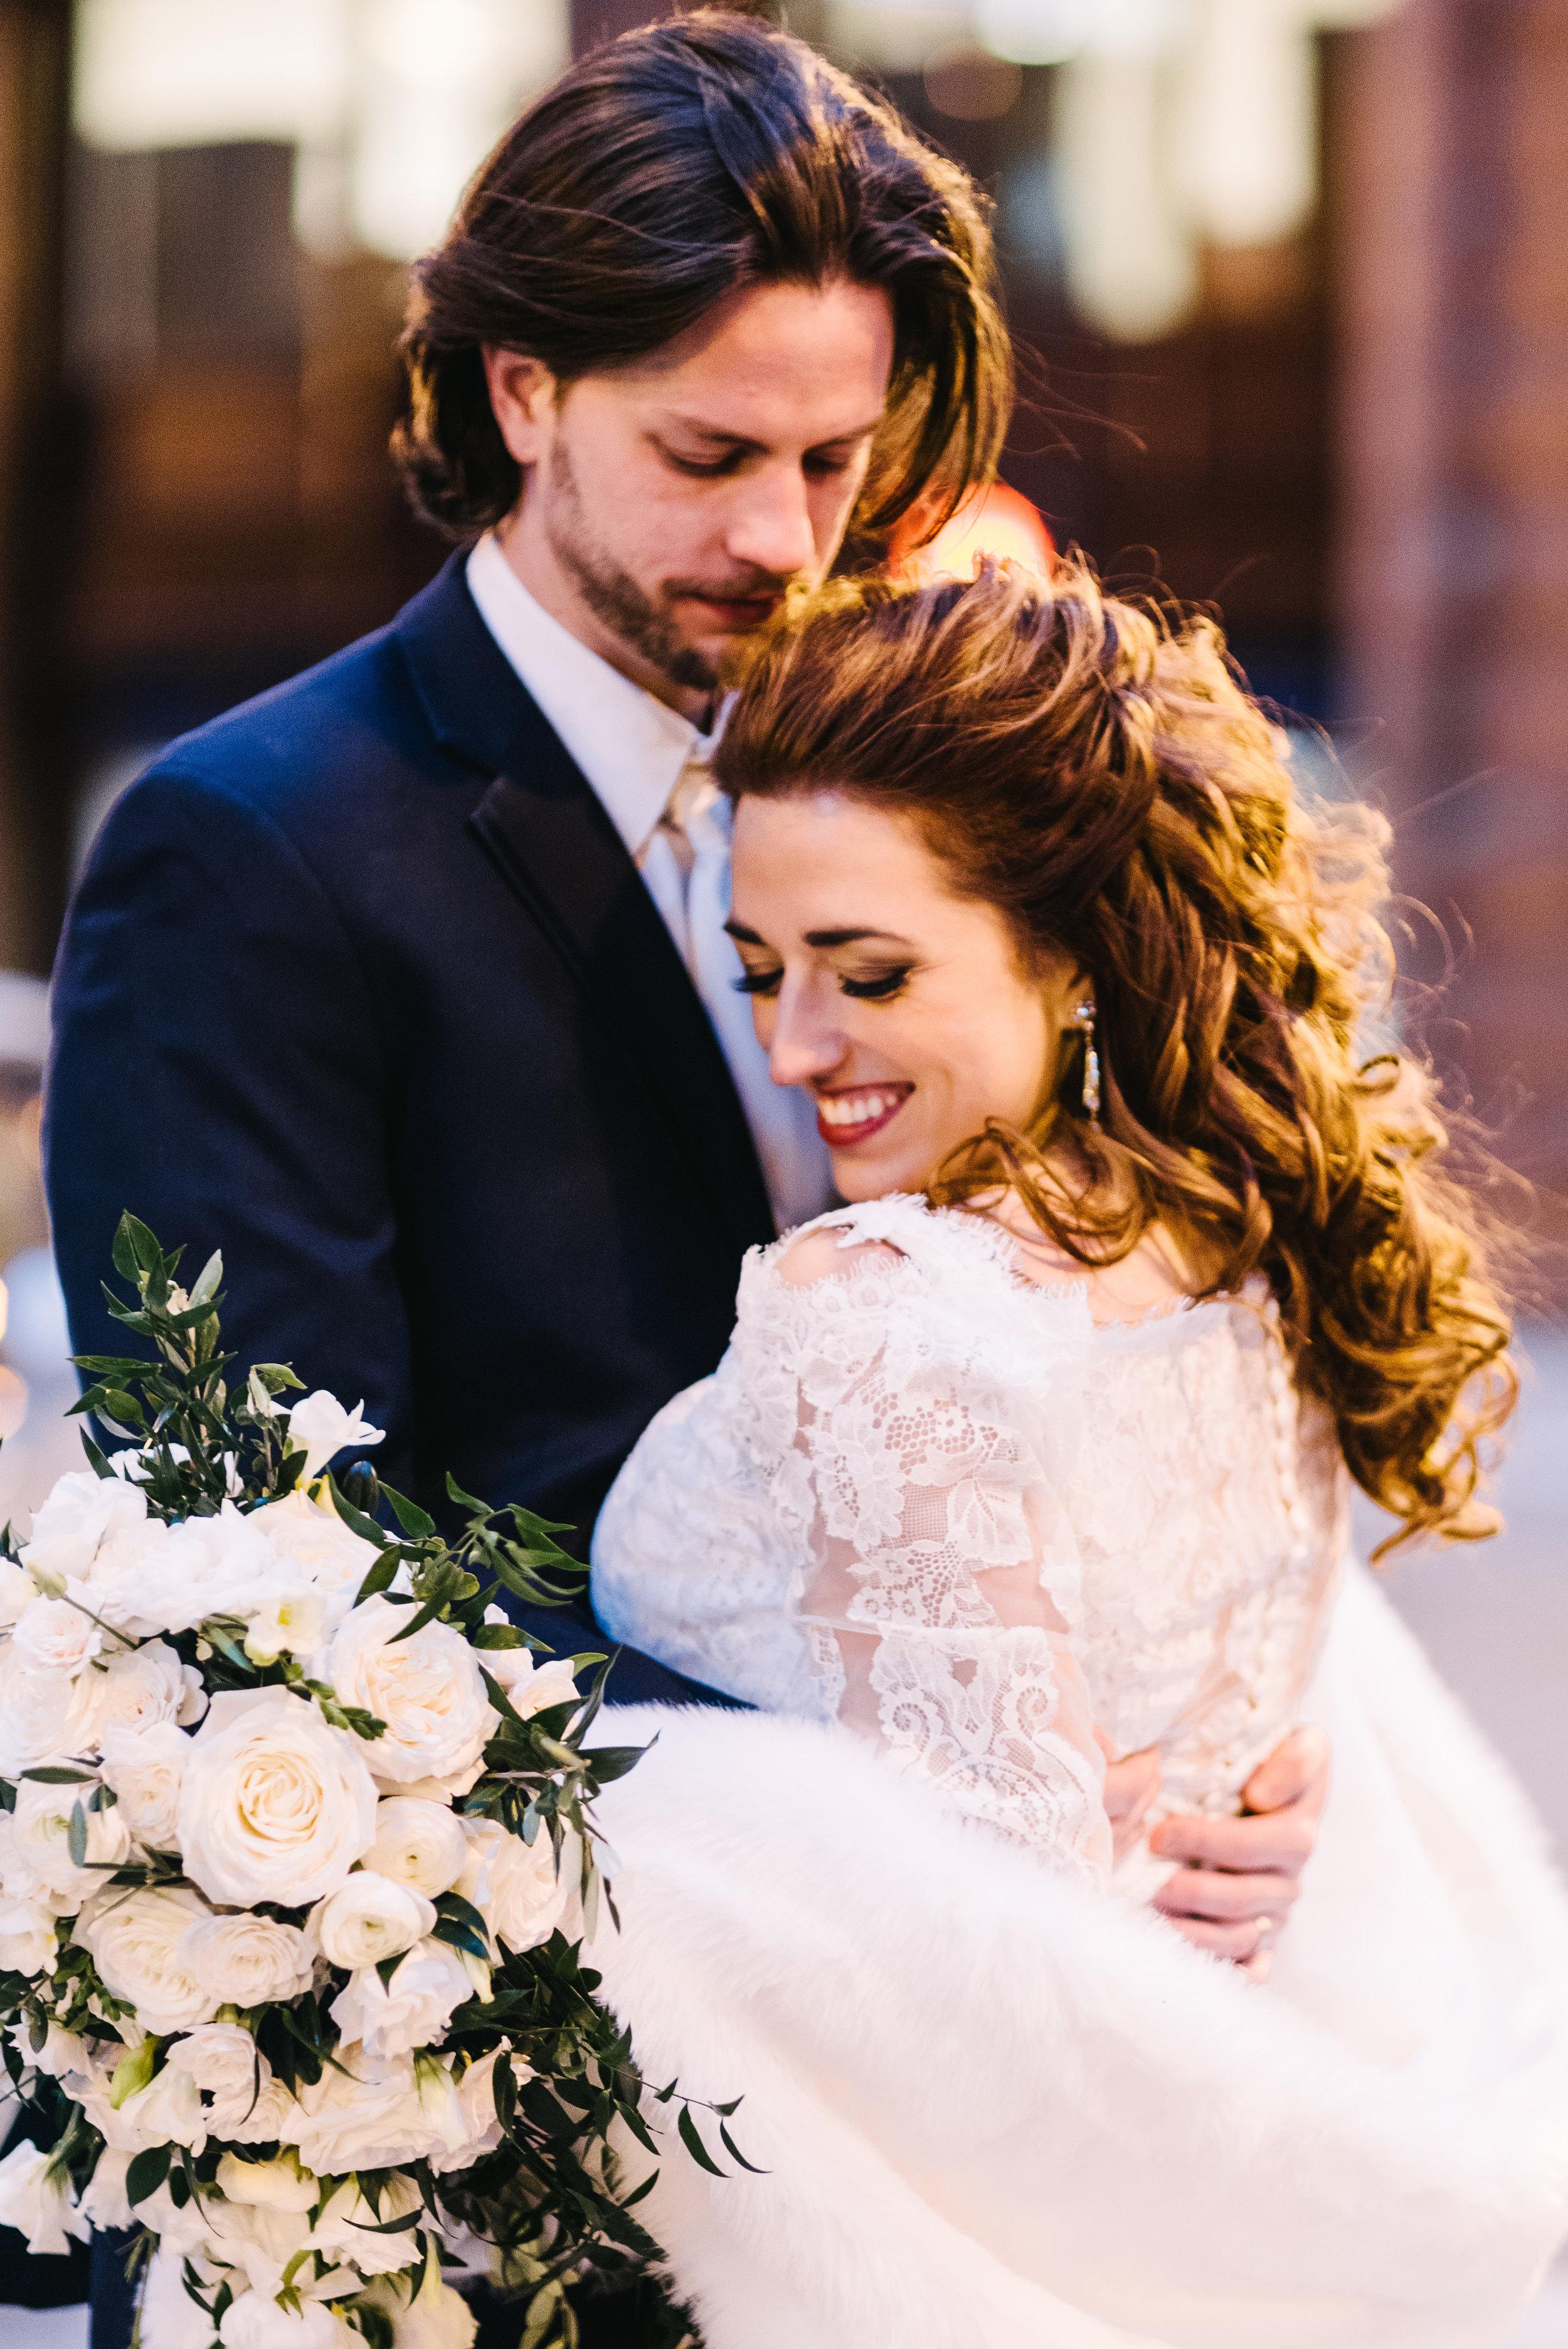 Ward Wedding_Bridal Bouquet 3.jpg